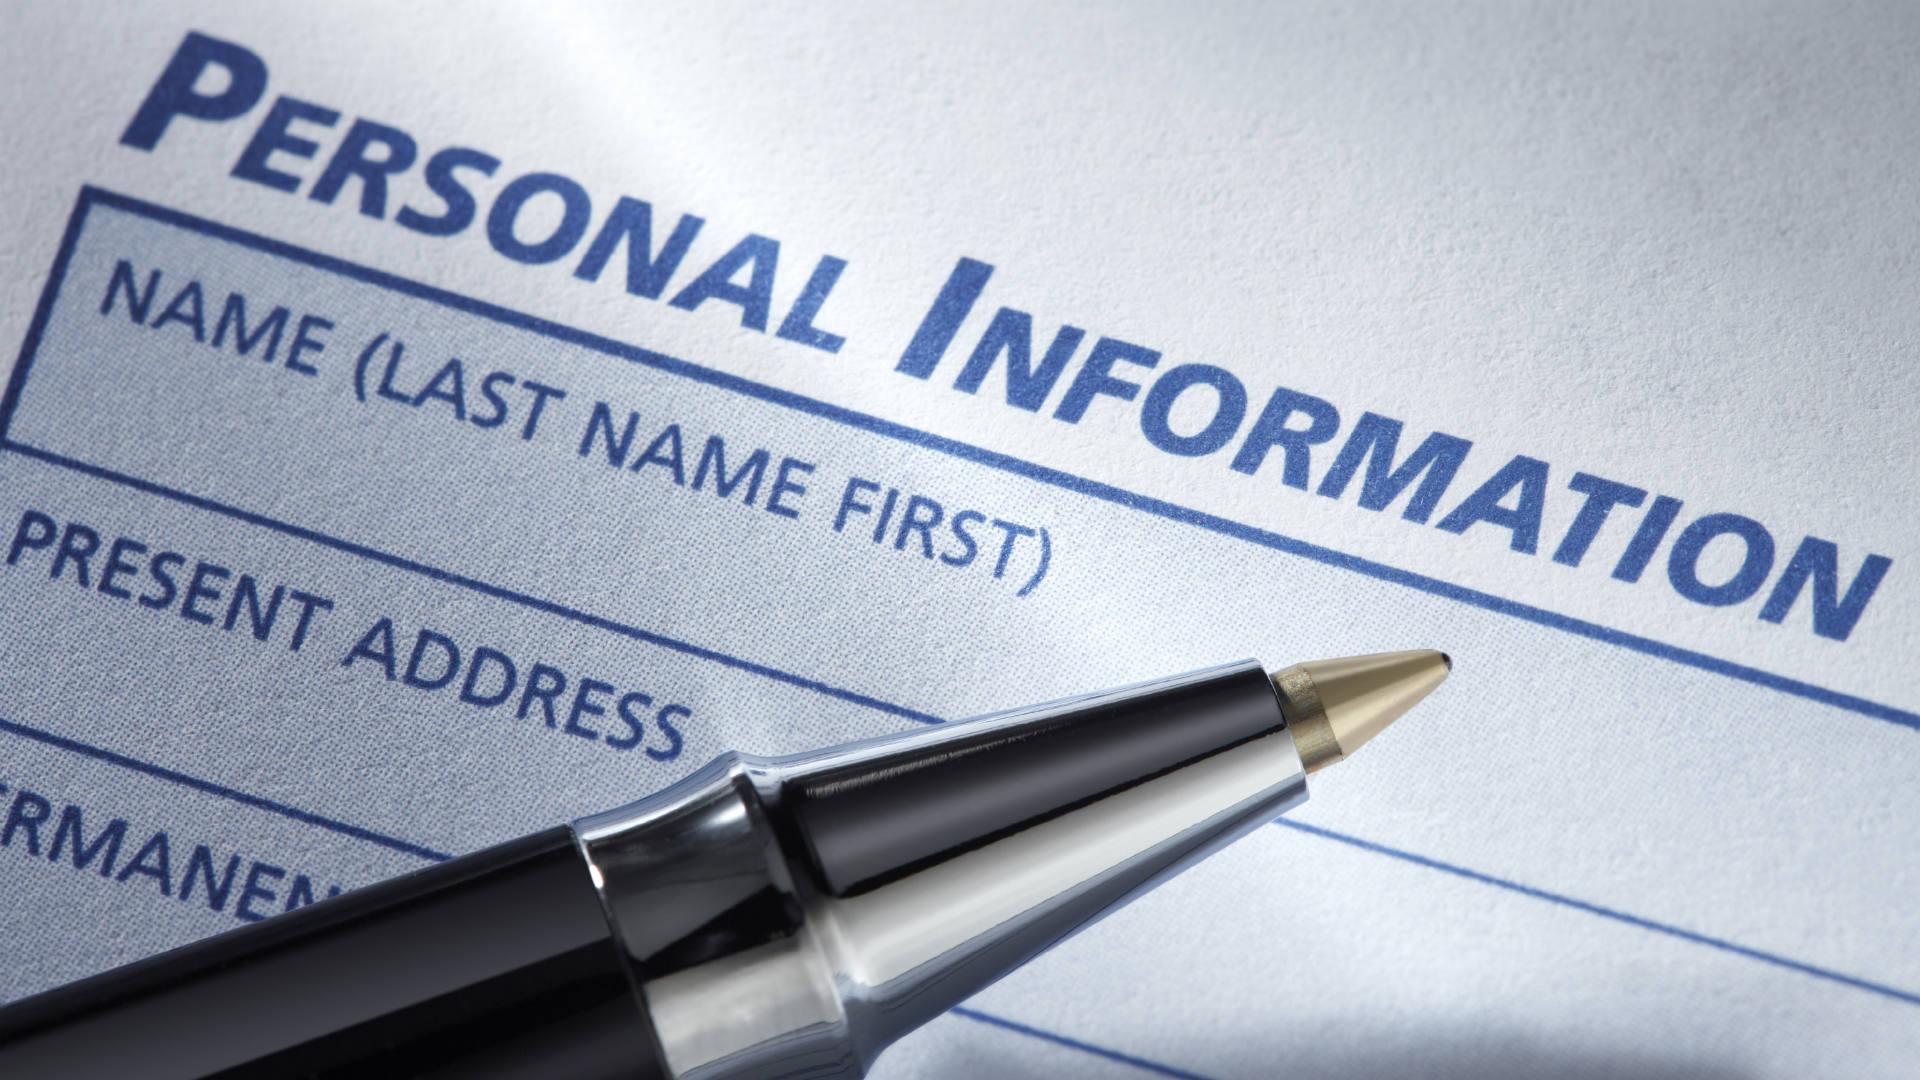 закон о сборе и хранение личной информации дает возможность оптимизировать